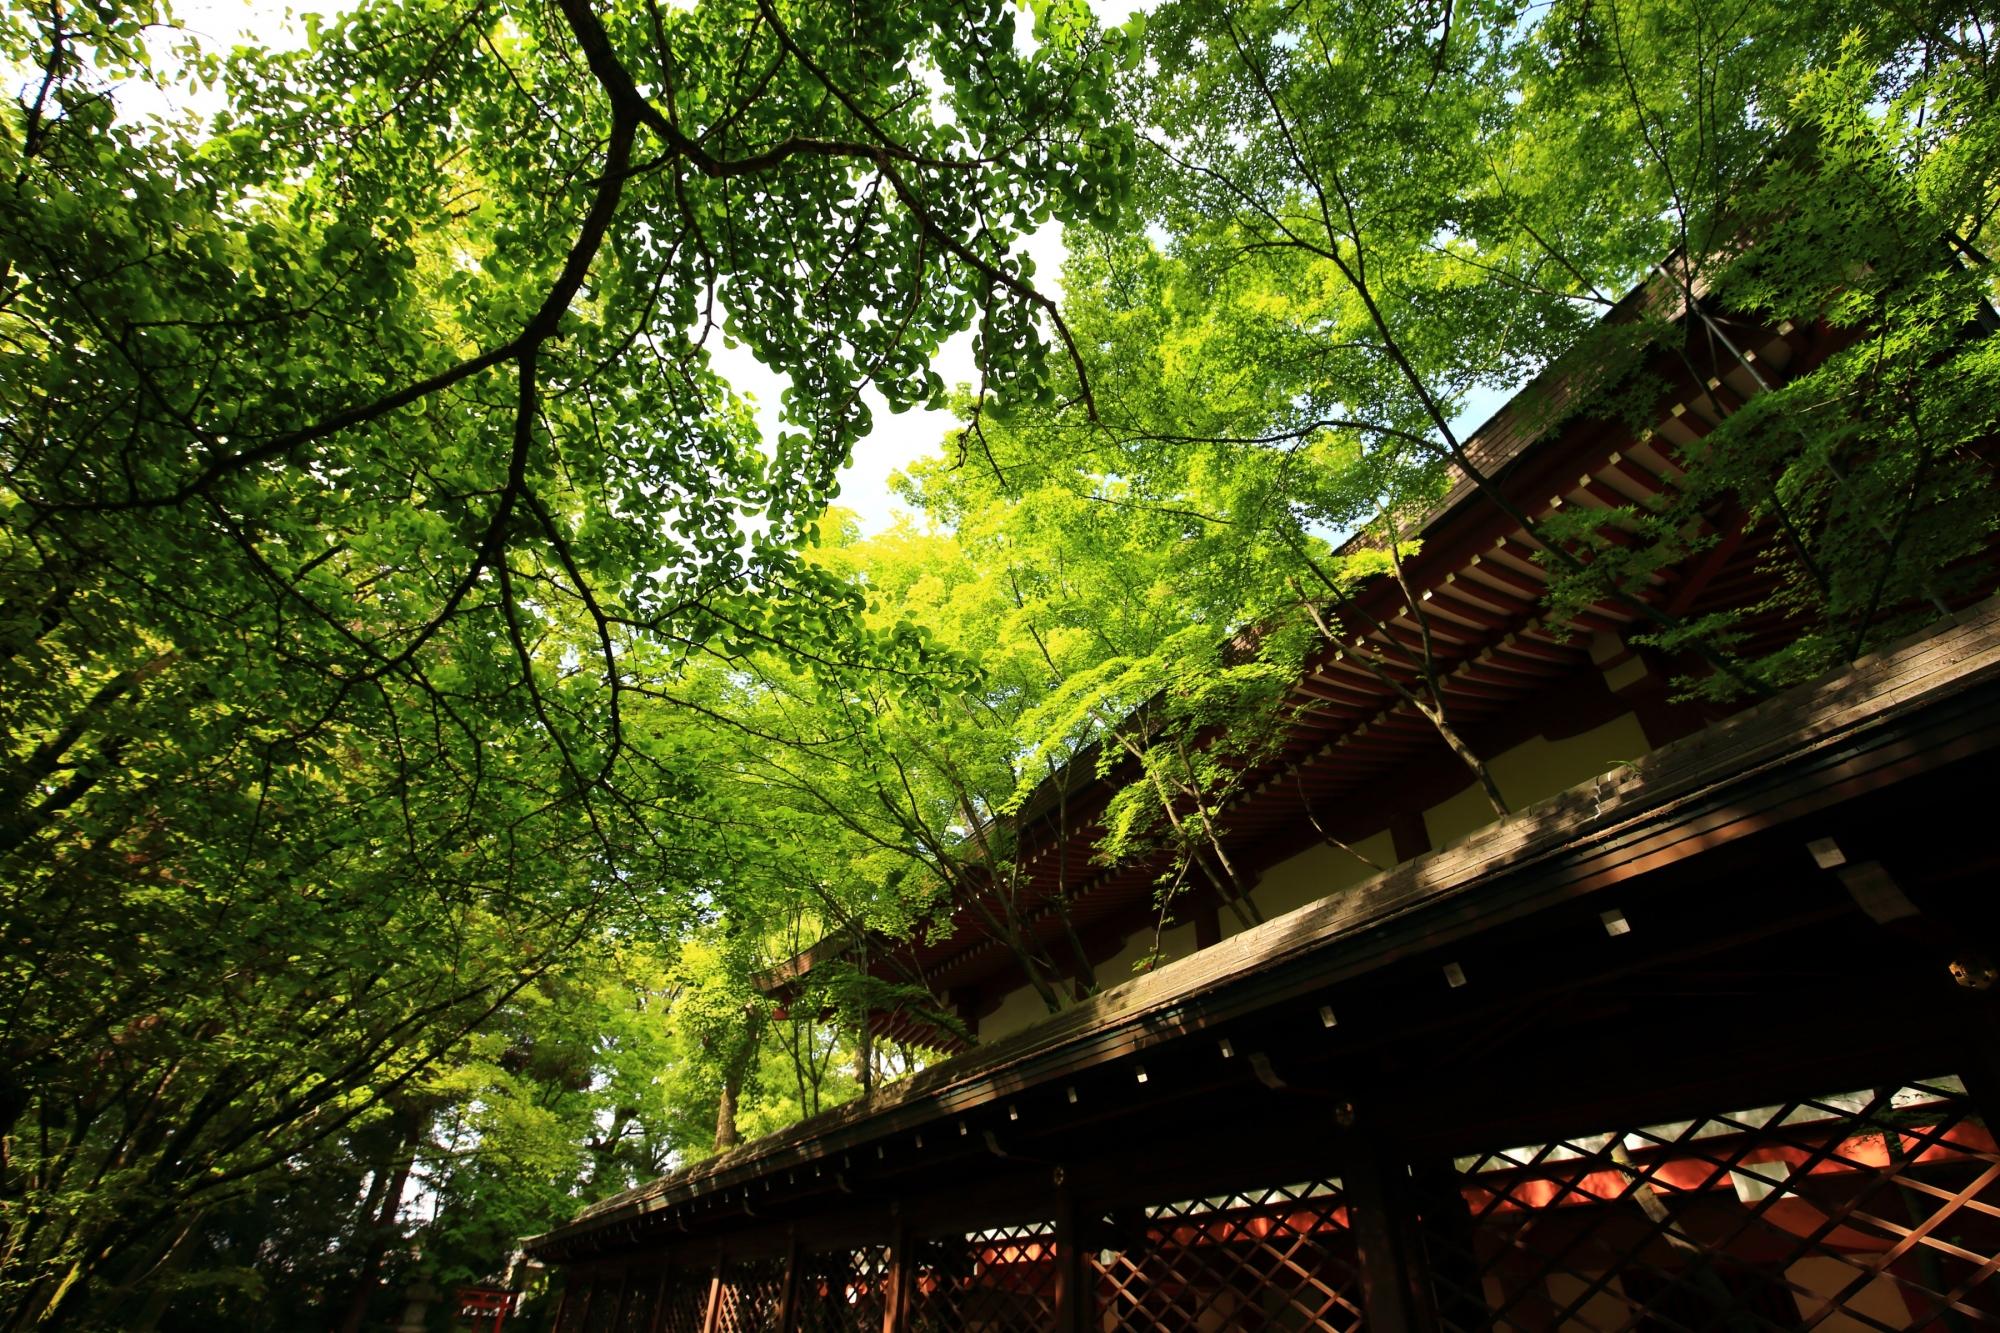 上御霊神社の本殿周りの鮮やかな新緑